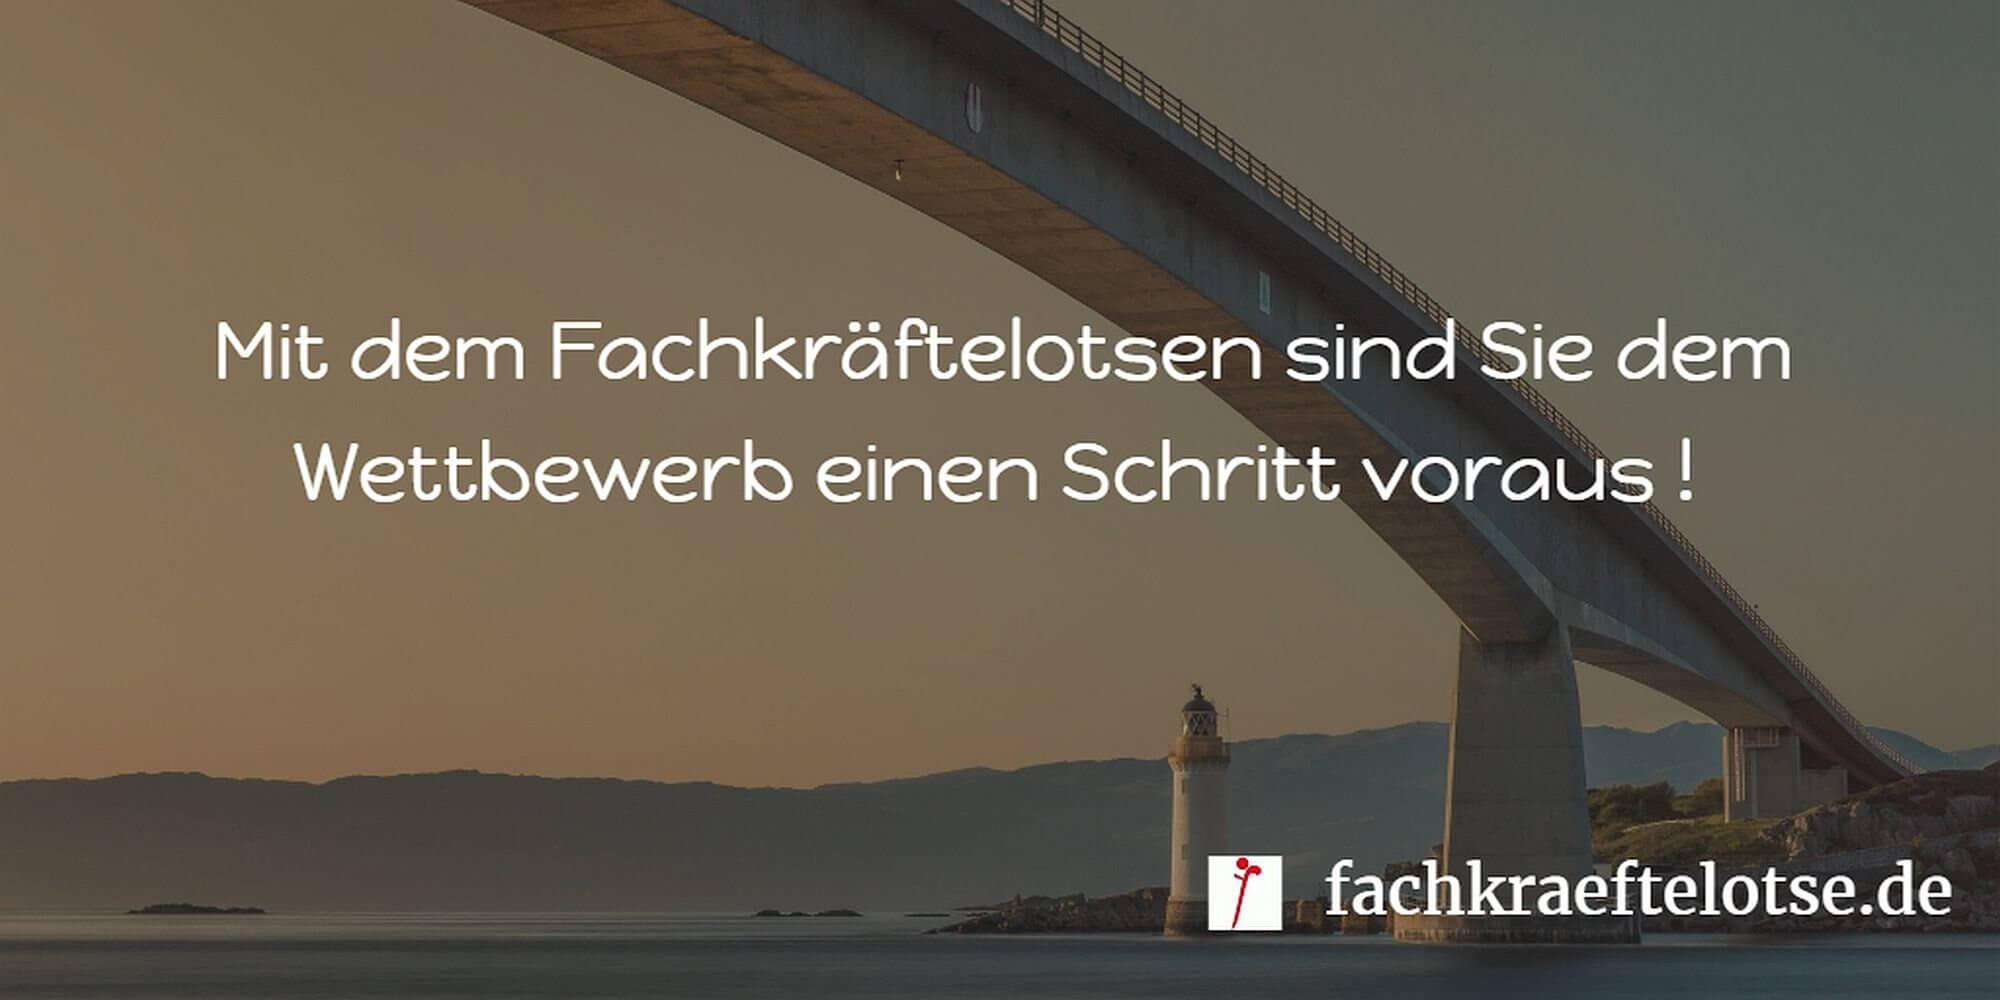 Mit Fachkräftelotse dem Wettbewerb einen Schritt voraus sein / fachkraeftelotse.de